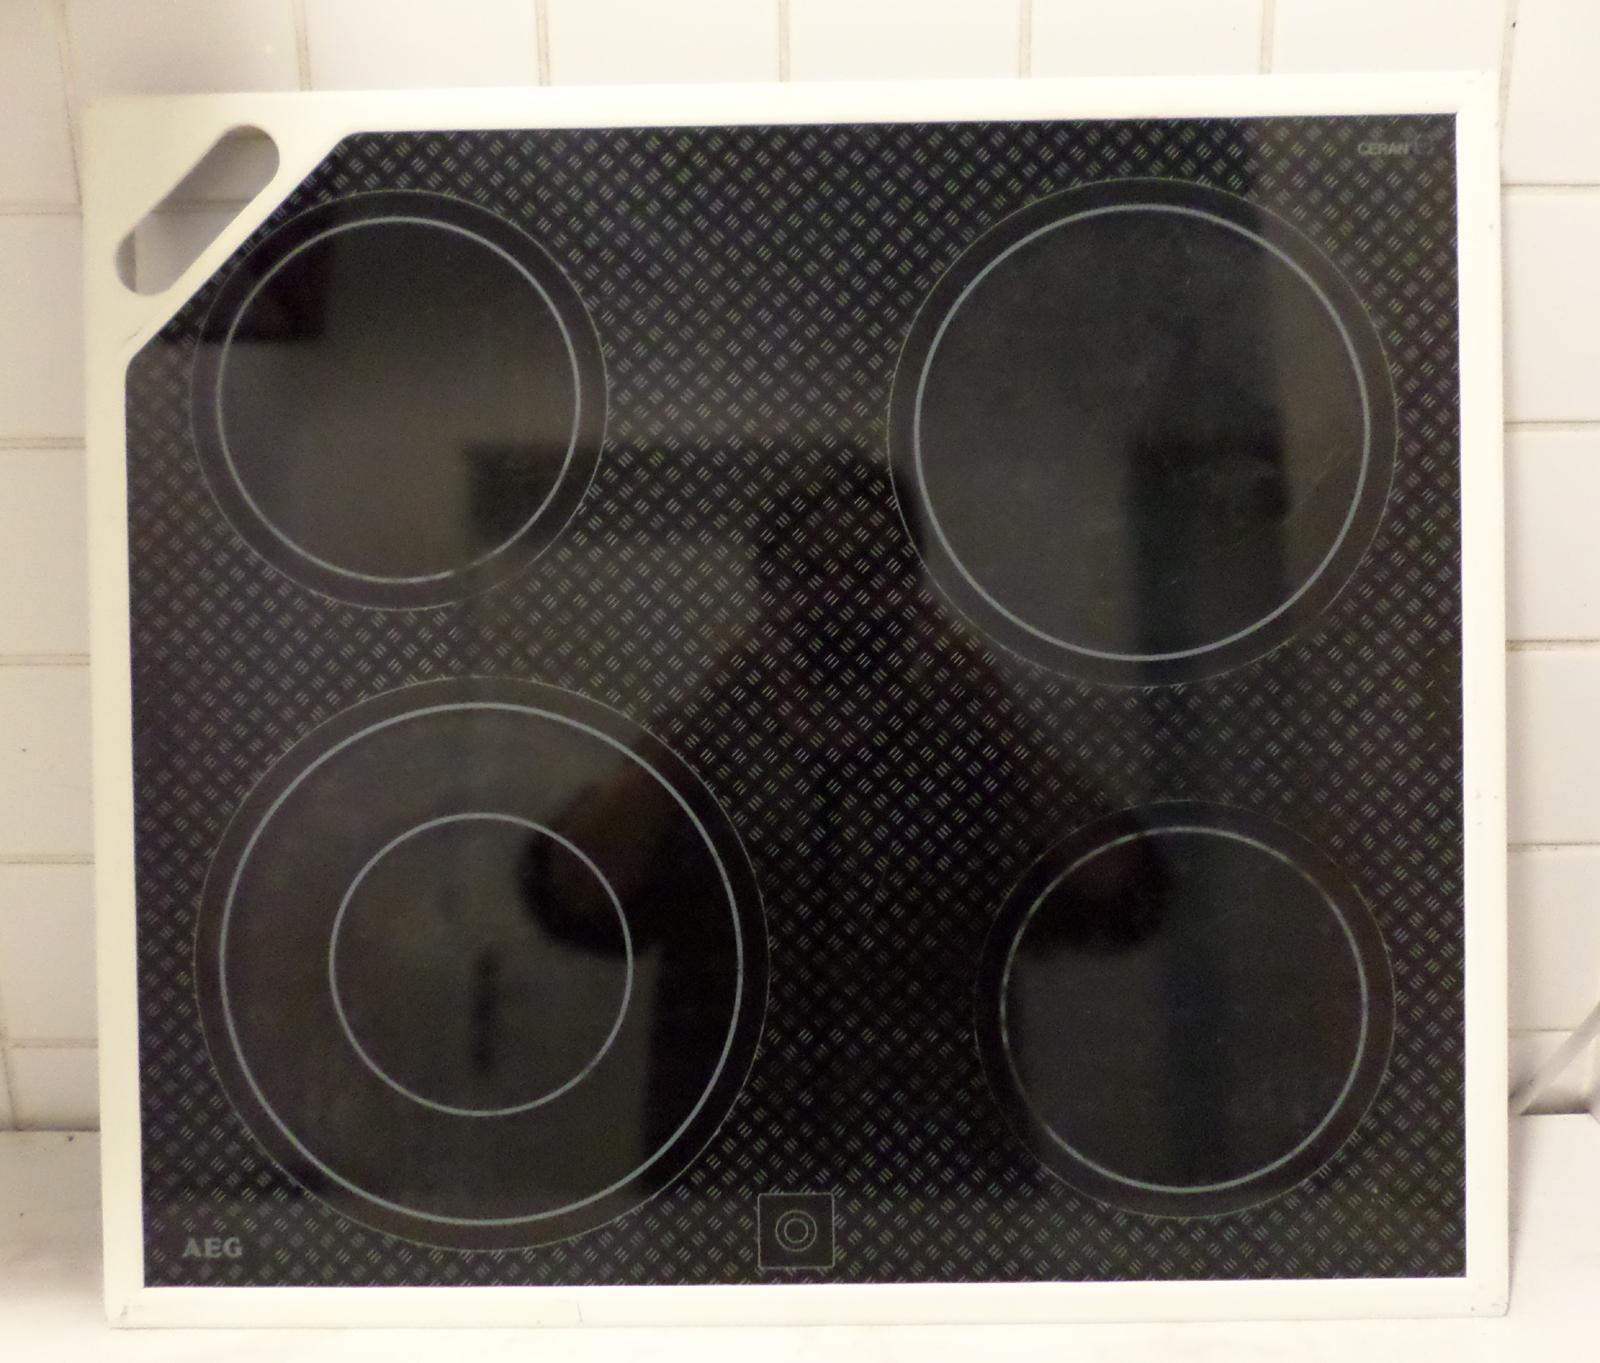 AEG Schott Ceran Glaskeramik Ersatzglas Austauschglas NUR